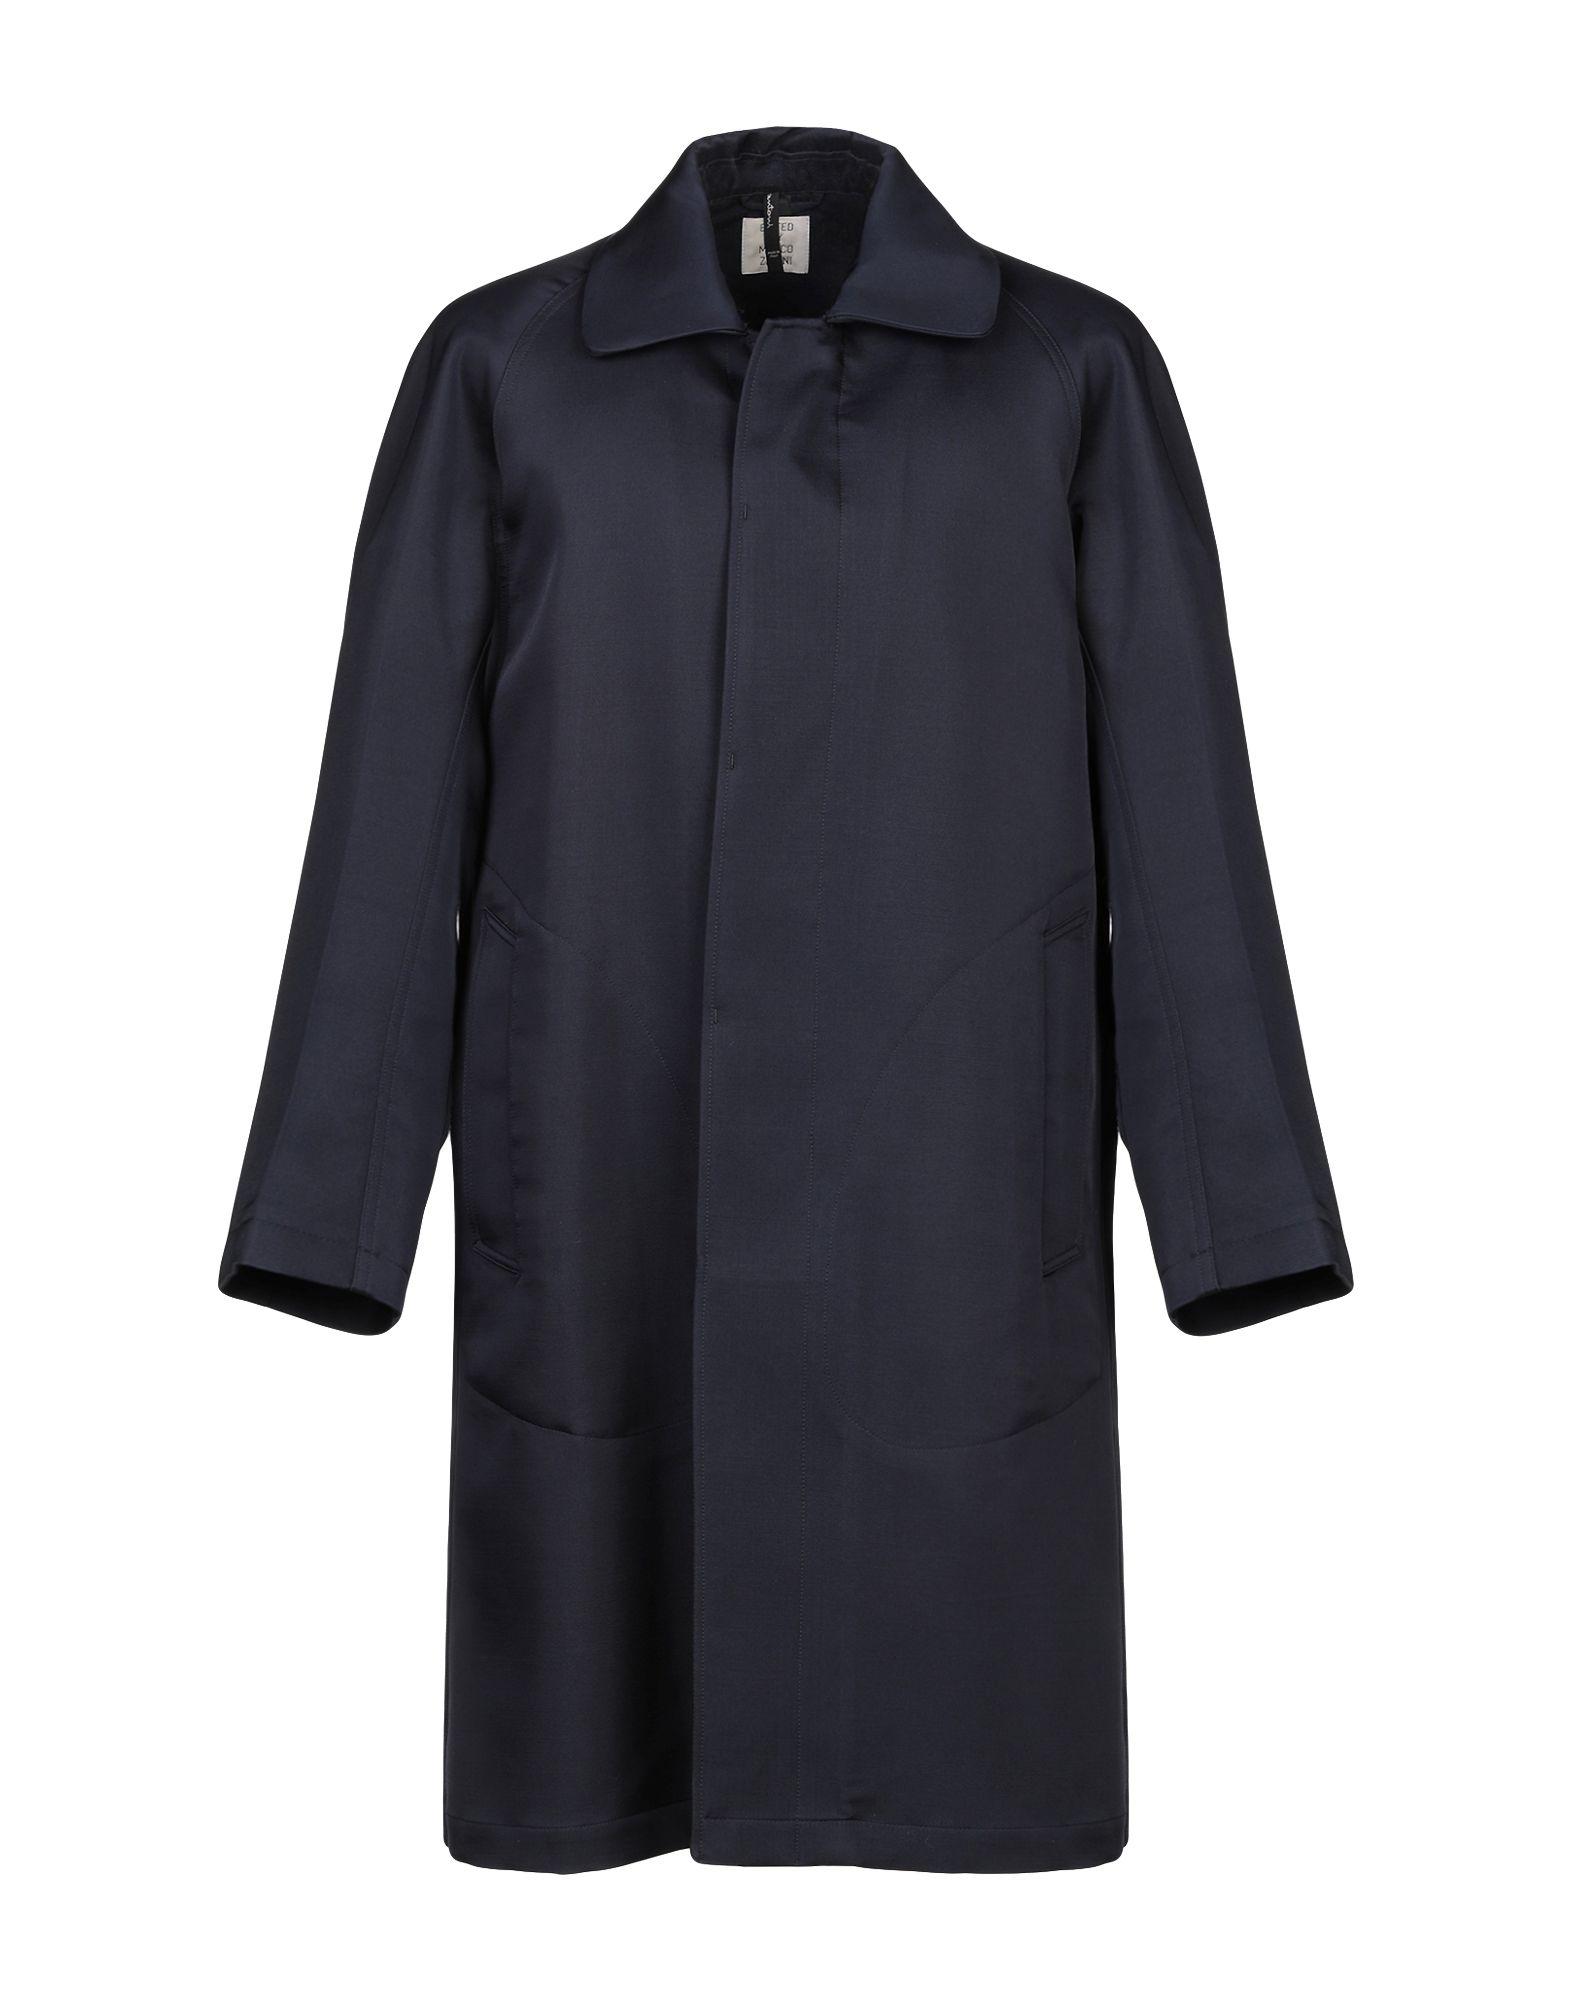 《セール開催中》SANTONI EDITED by MARCO ZANINI メンズ コート ダークブルー 48 ウール 58% / アセテート 40% / シルク 2%